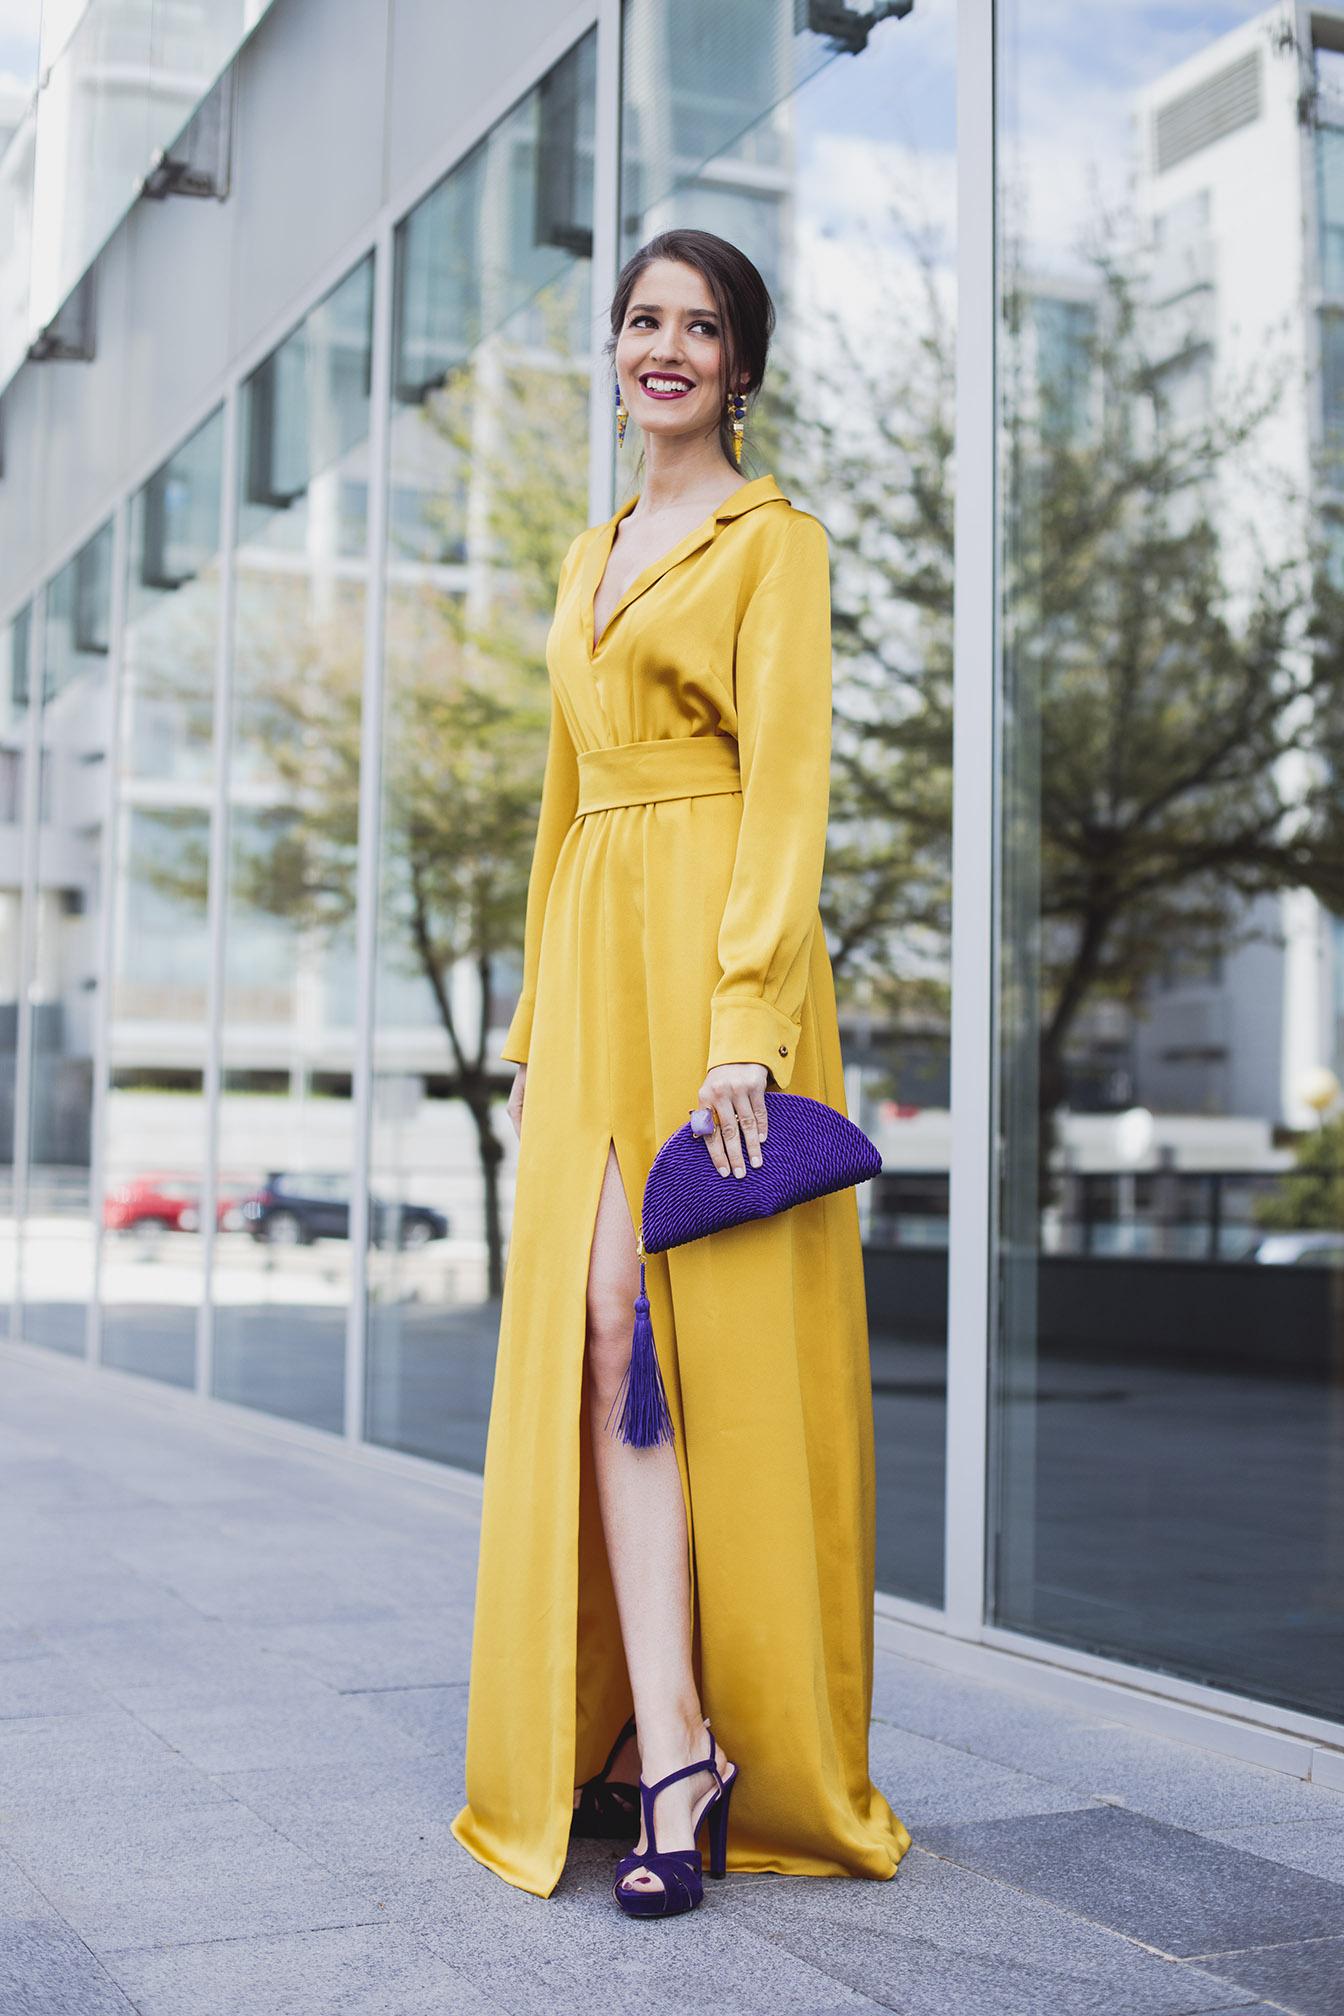 Look invitada boda noche vestido amarillo blusa gemelos complementos morado